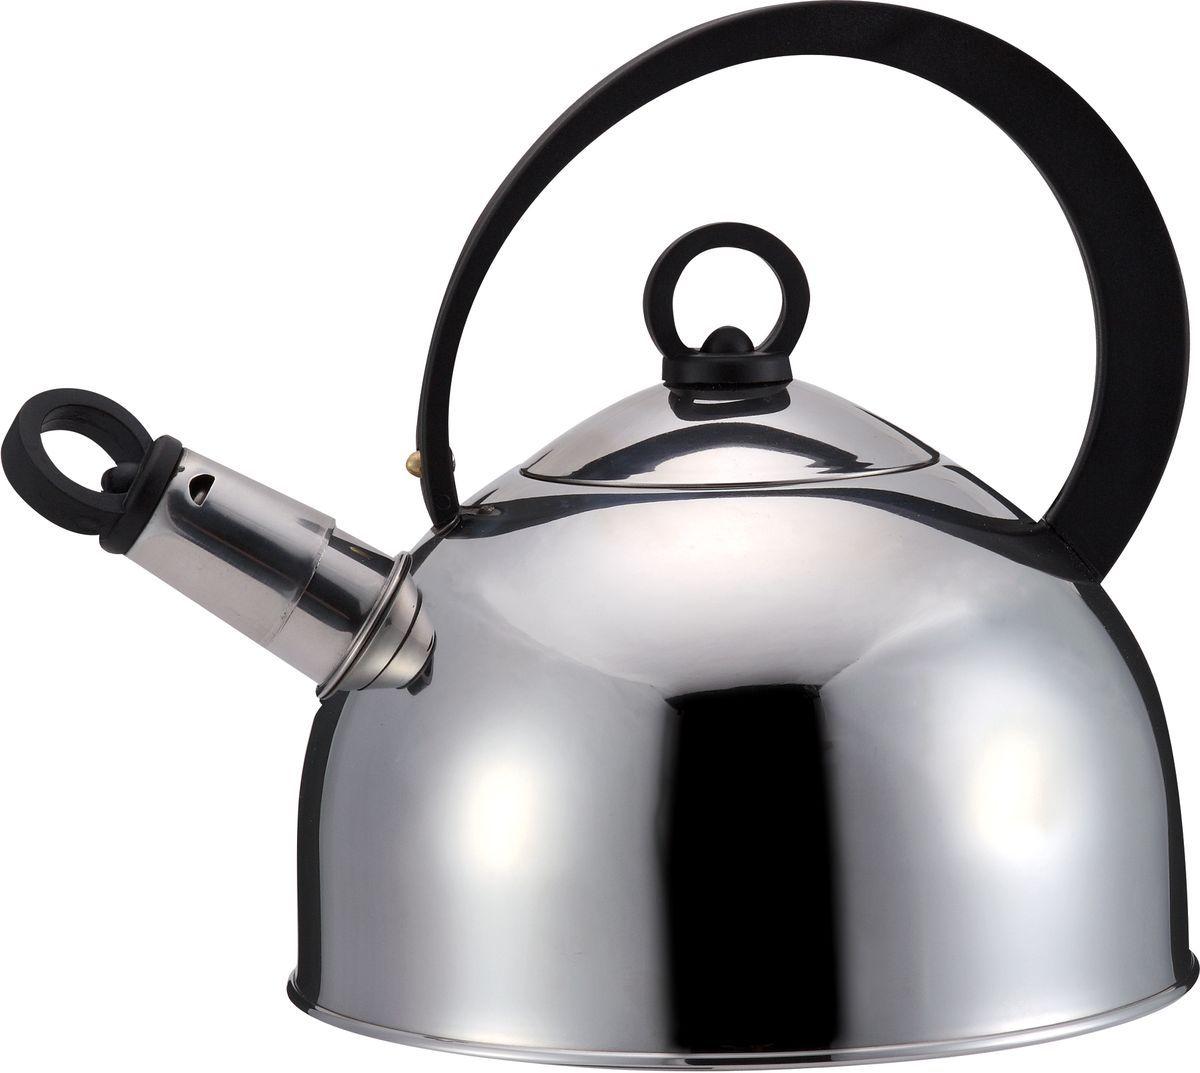 Чайник Bekker, 2,5 л. BK-S315BK-S3152.5 L, нержав. сталь 18/10, дно капсулированное, метал. свисток, фиксир. пласт. ручка, метал. крышка. Соврем. дизайн.